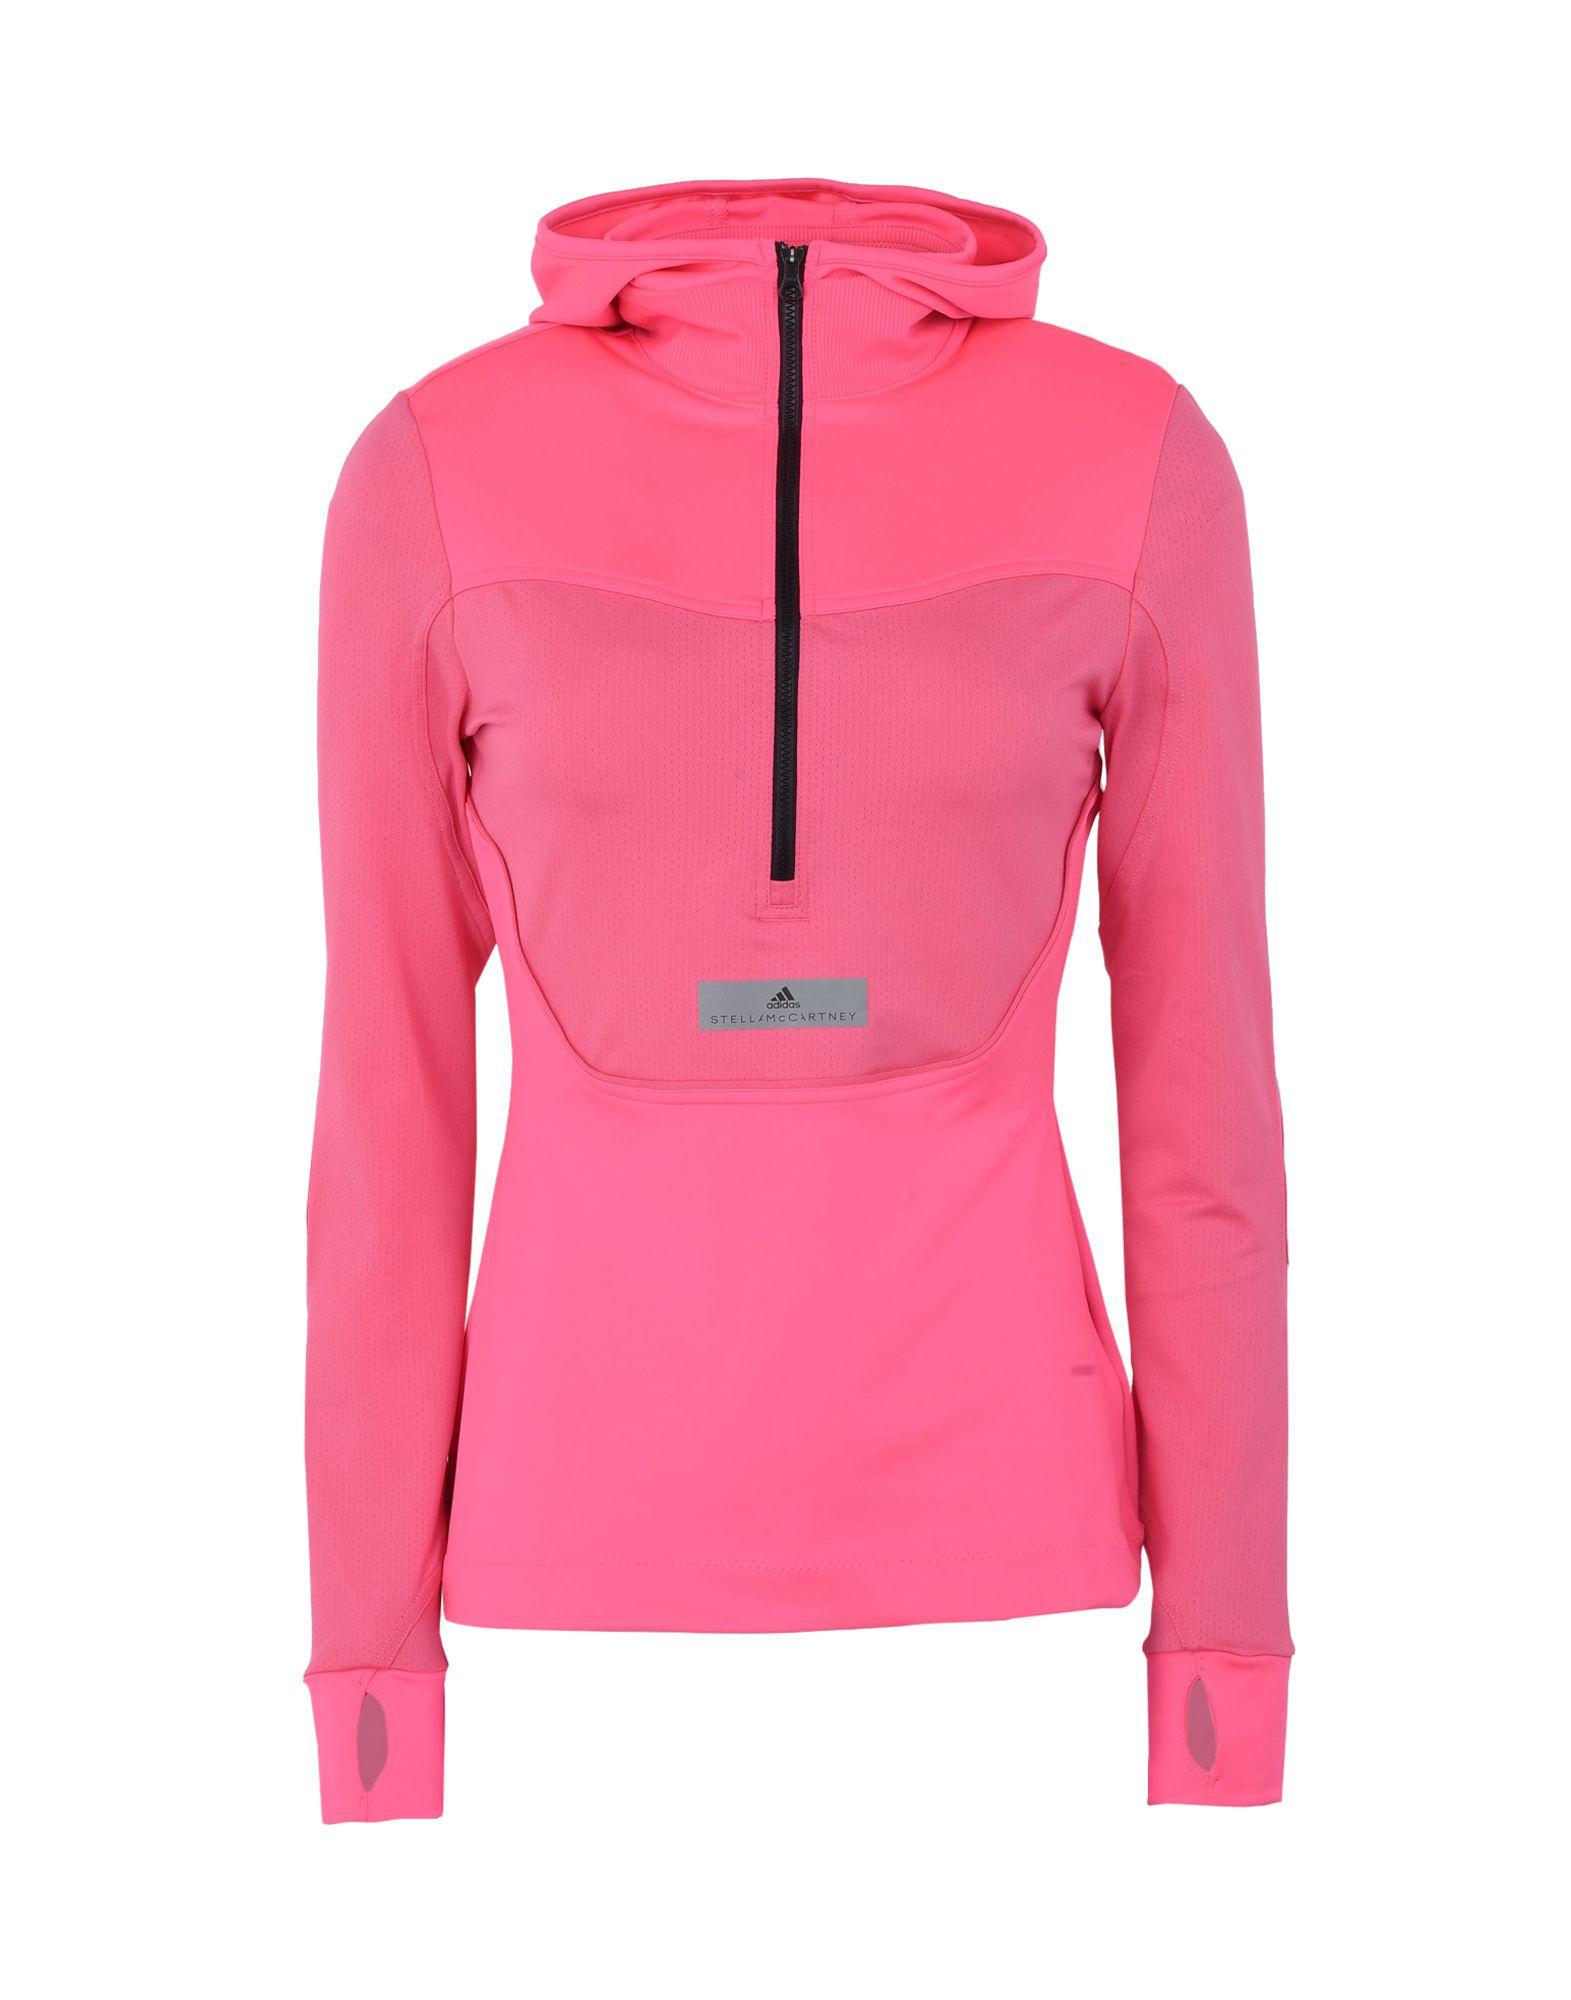 Felpa Adidas By Stella Mccartney Run Hooded Longsleeve - Donna - Acquista online su 5TyvQY